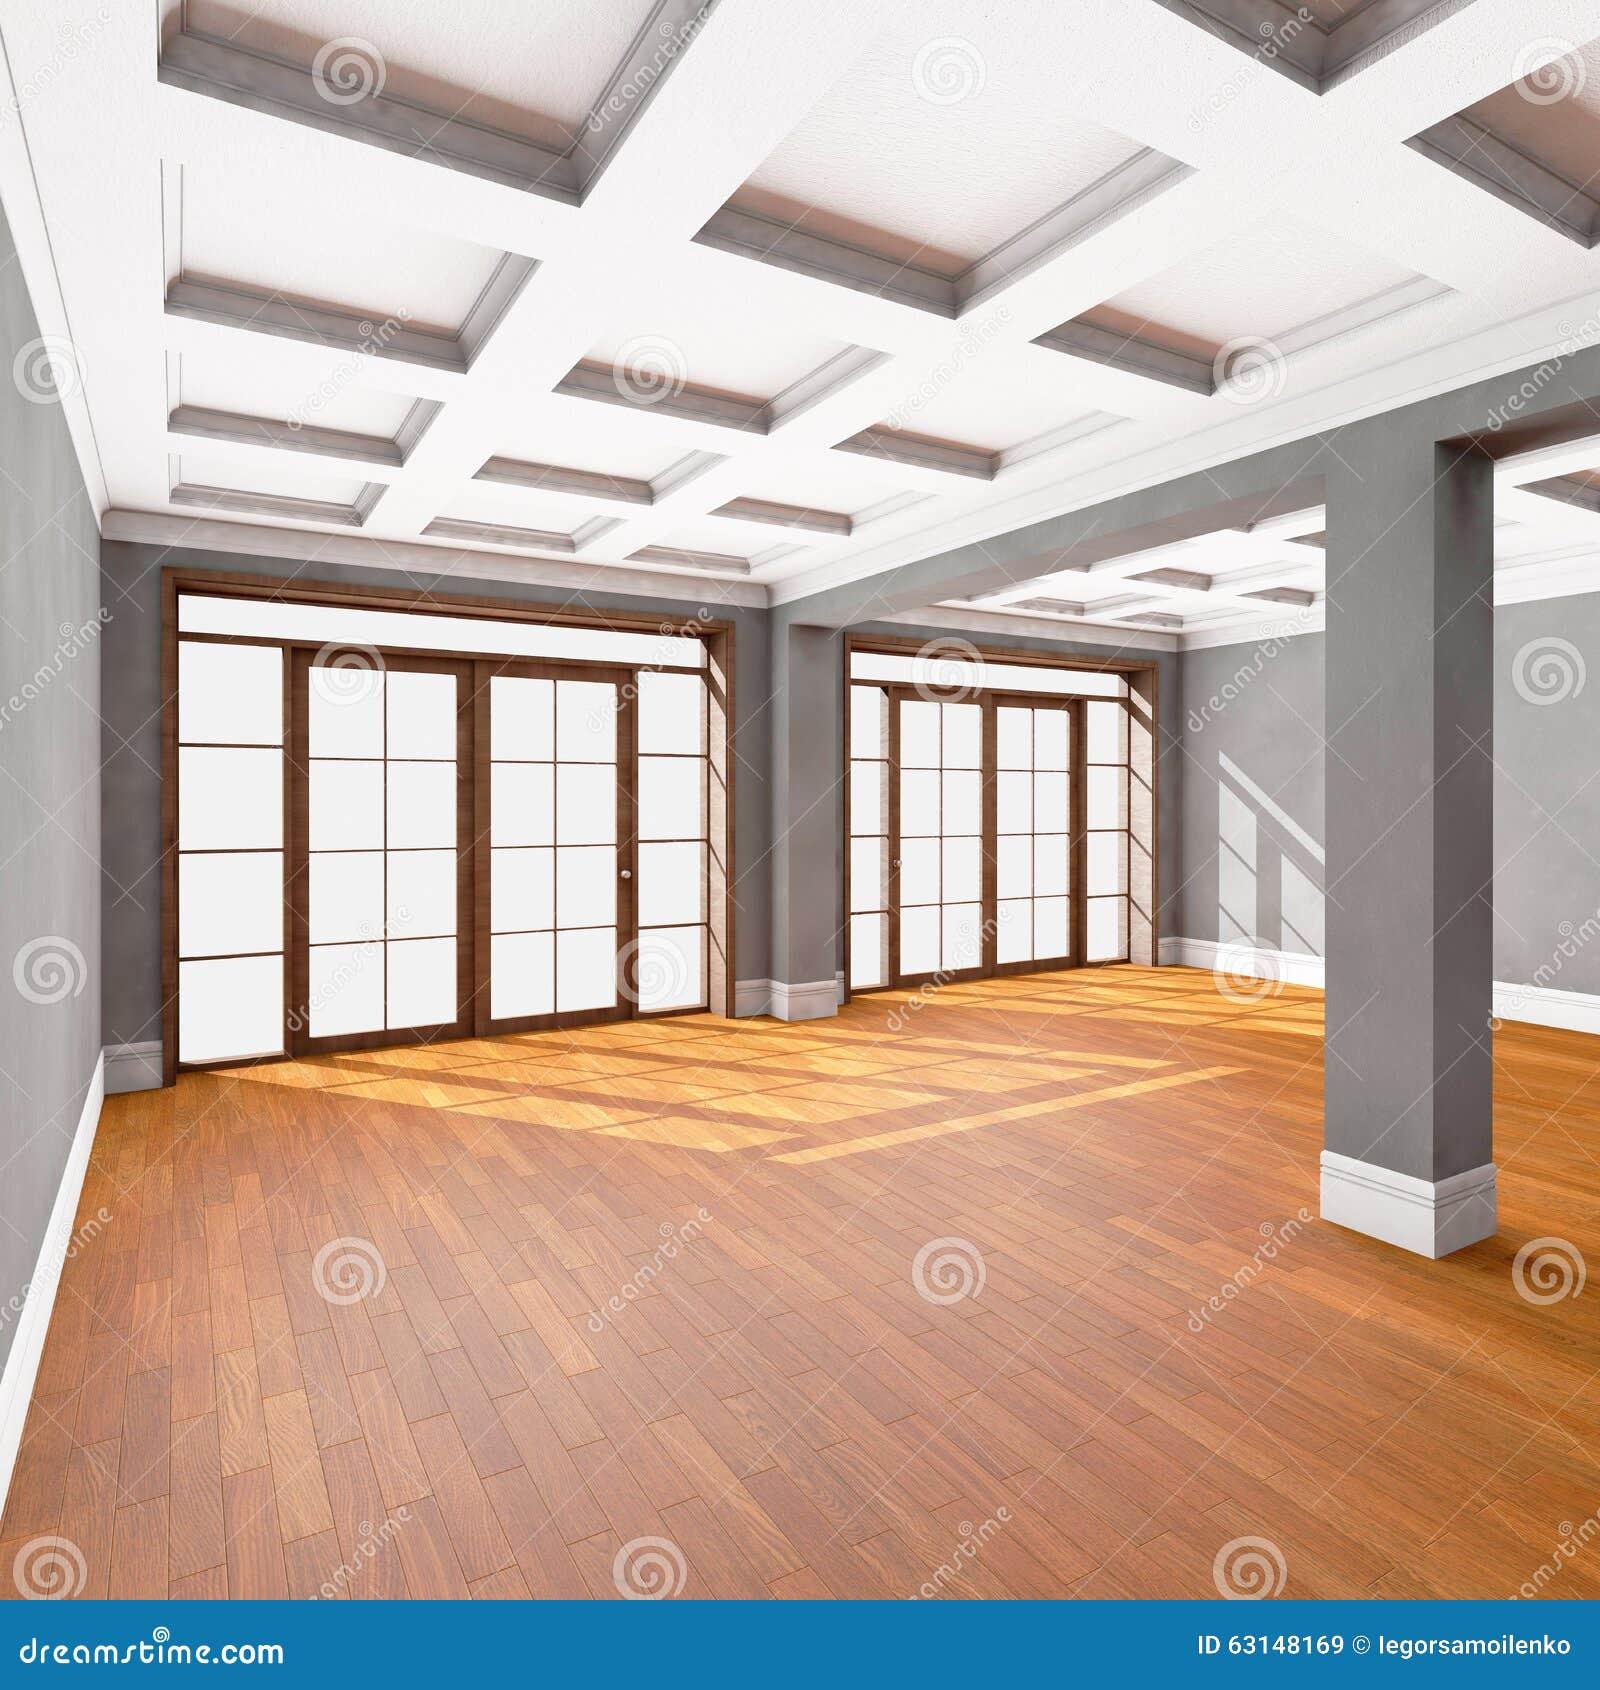 Empty Living Room: Empty Living Room Interior Stock Illustration